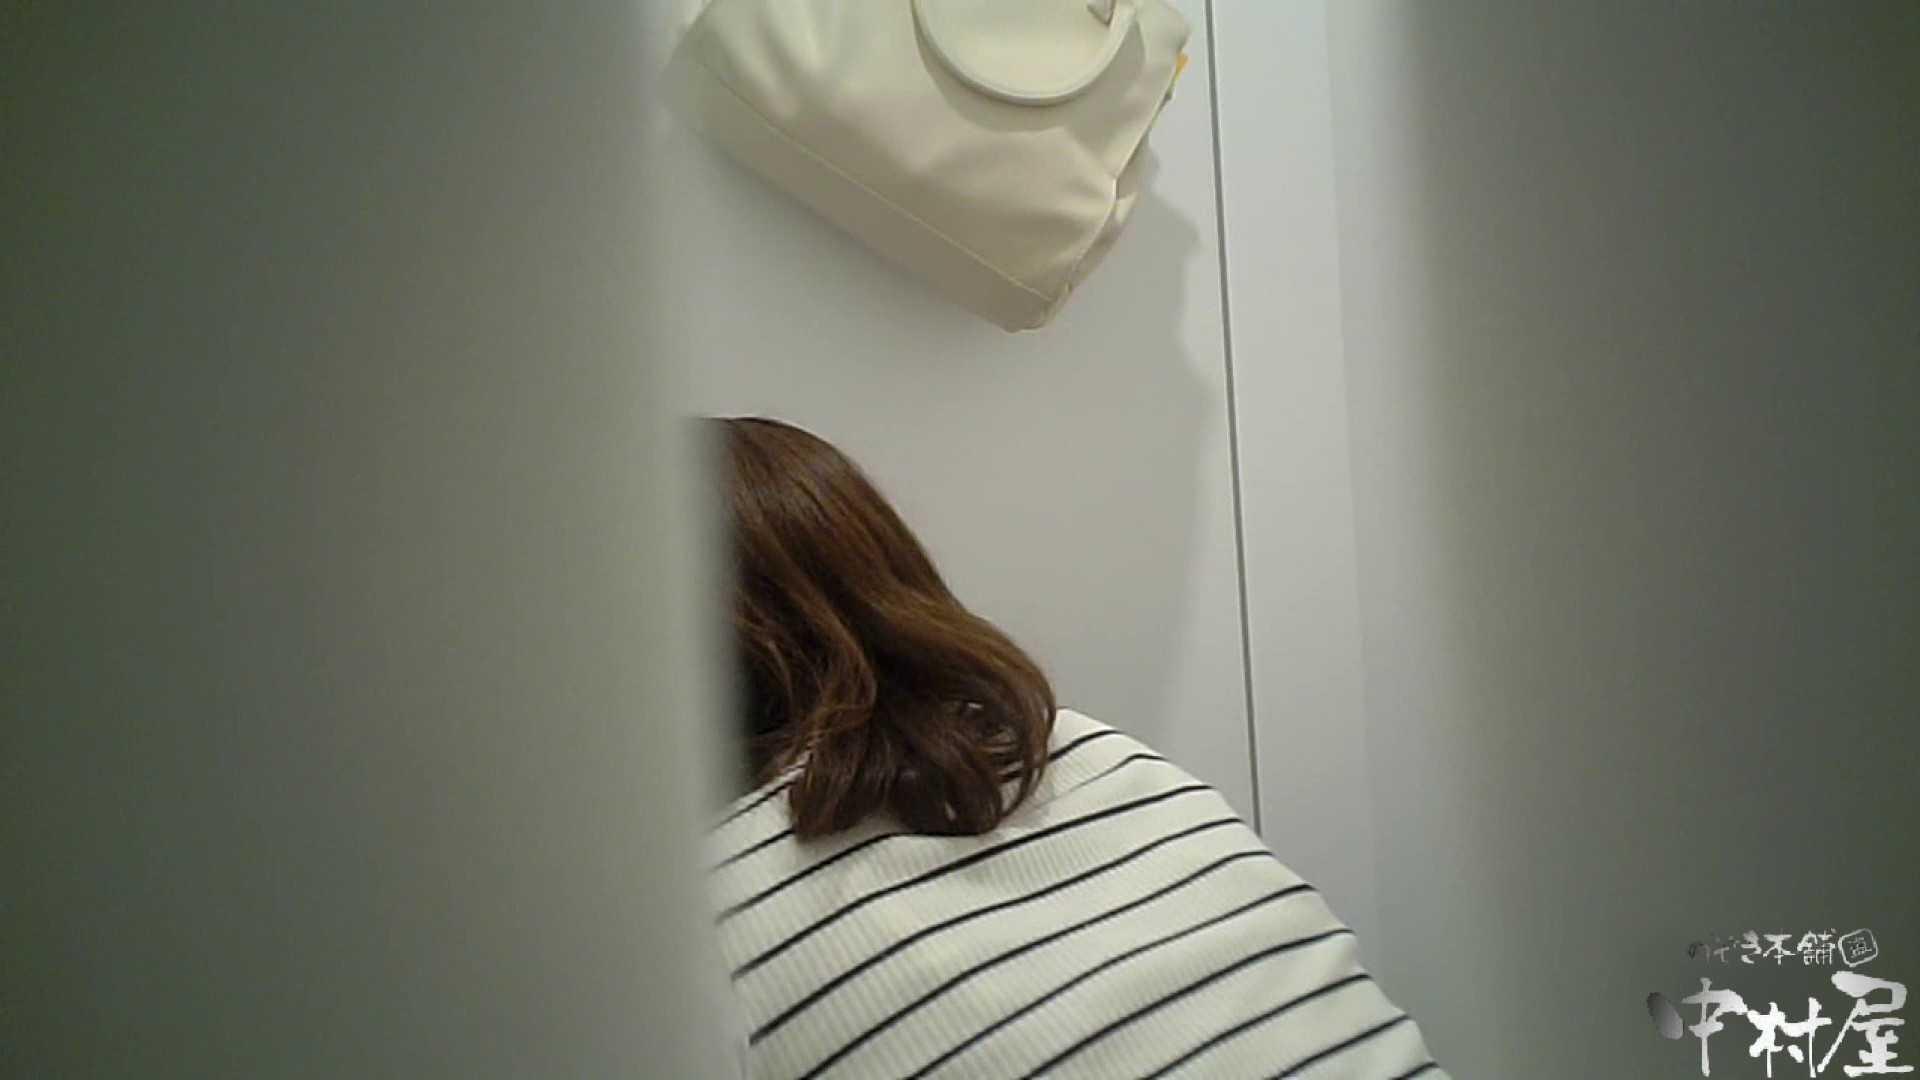 【某有名大学女性洗面所】有名大学女性洗面所 vol.37 ついでにアンダーヘアーの状態確認ですね。 和式 | 洗面所 のぞき 11枚 9